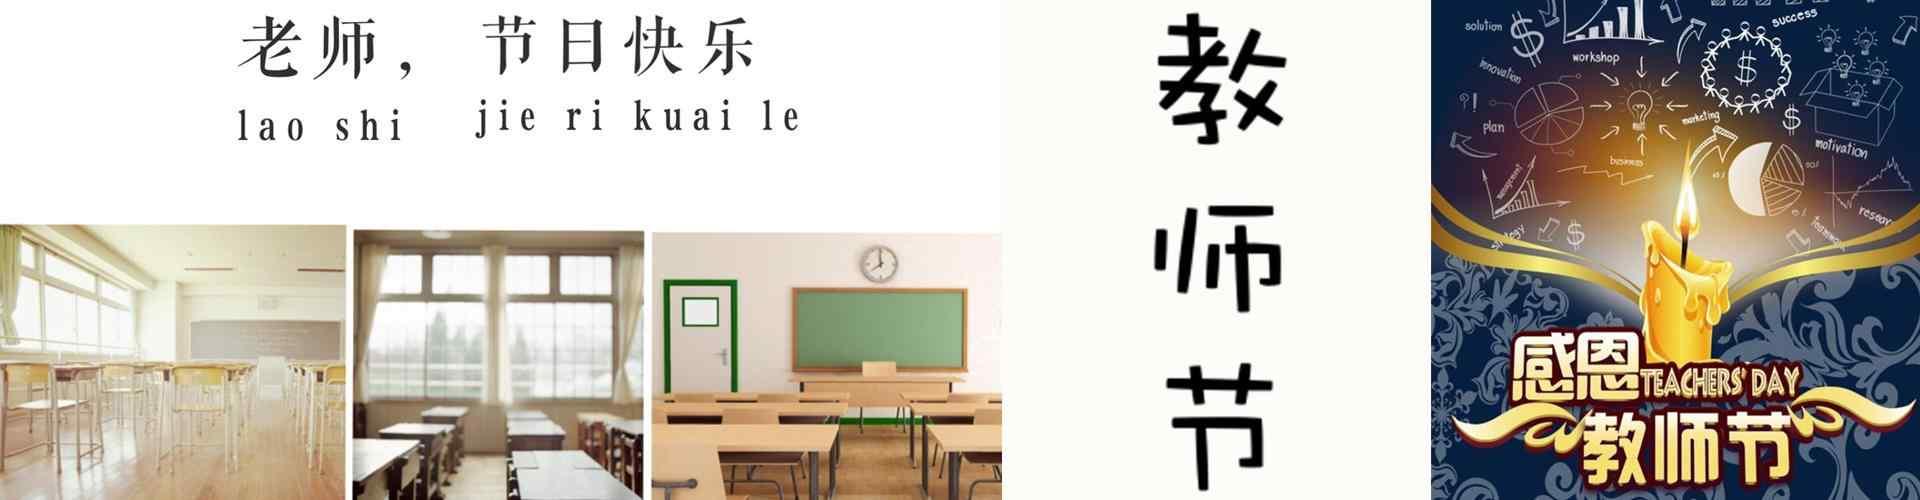 2017年教师节_教师节图片壁纸_教师节表情包_教师节图片大全